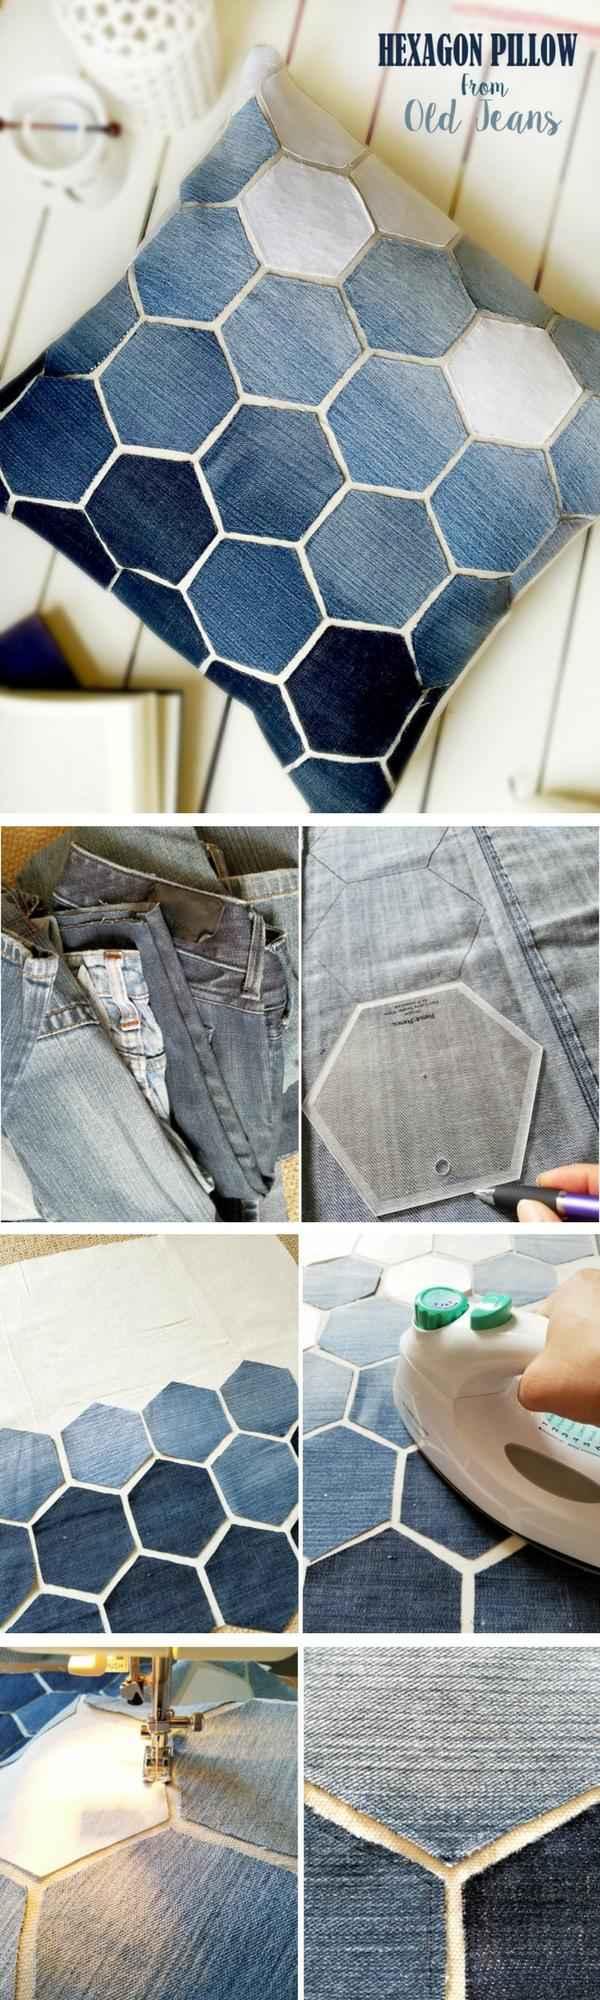 image2-40 | 10 идей использования старых джинсов